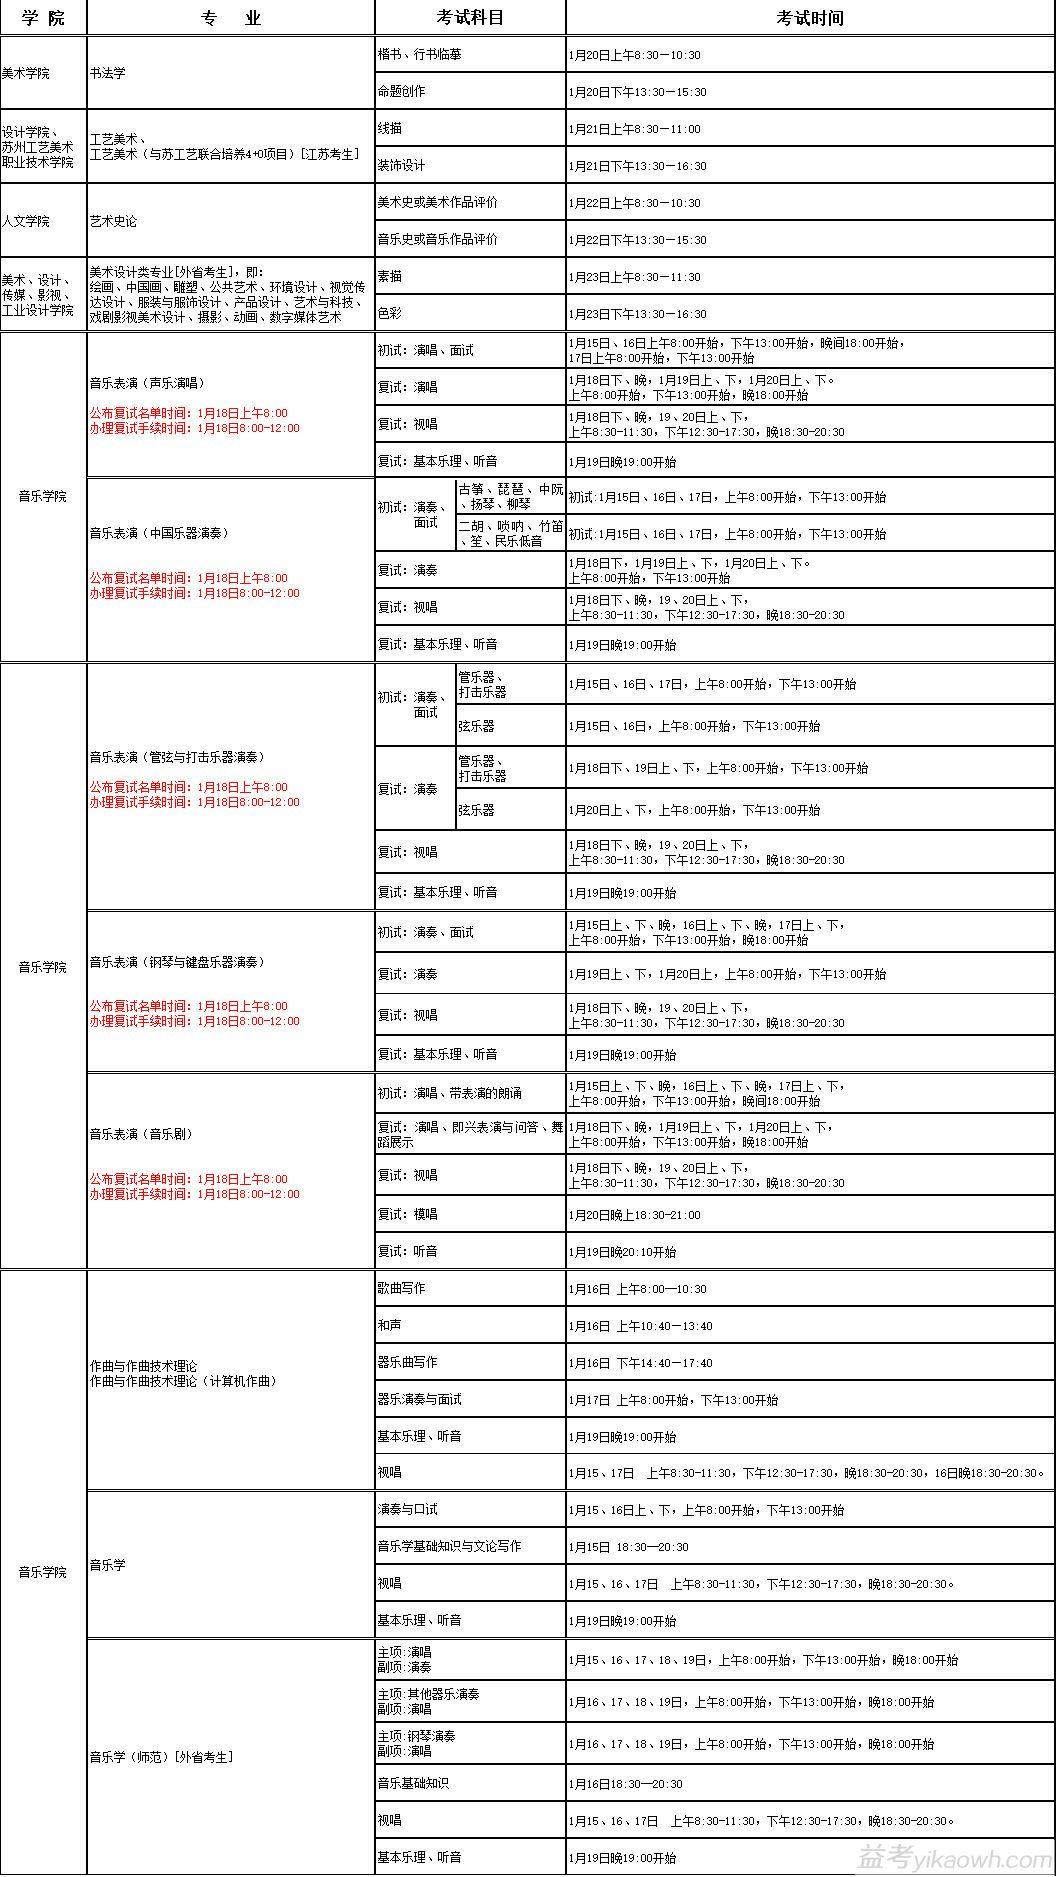 南京艺术学院2018年本科招生校内考点各专业考试时间安排表